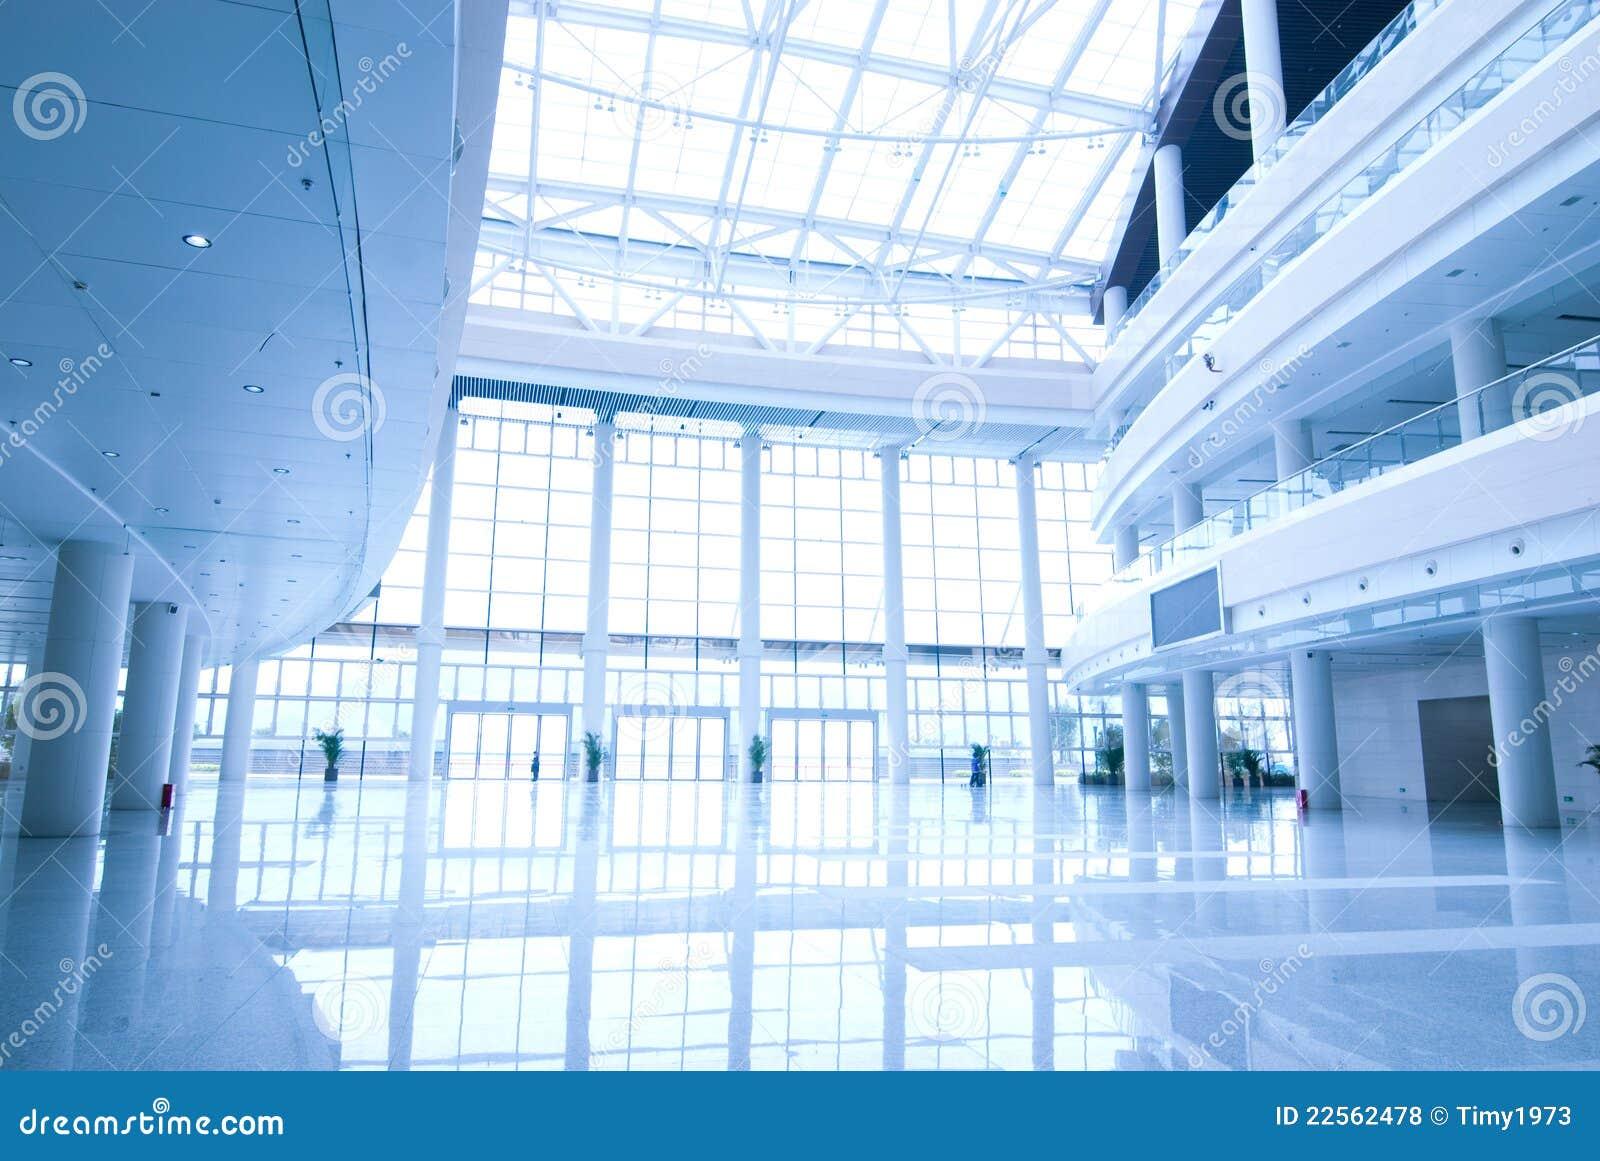 Hall d 39 immeuble de bureaux photos libres de droits image for Immeuble bureau plan